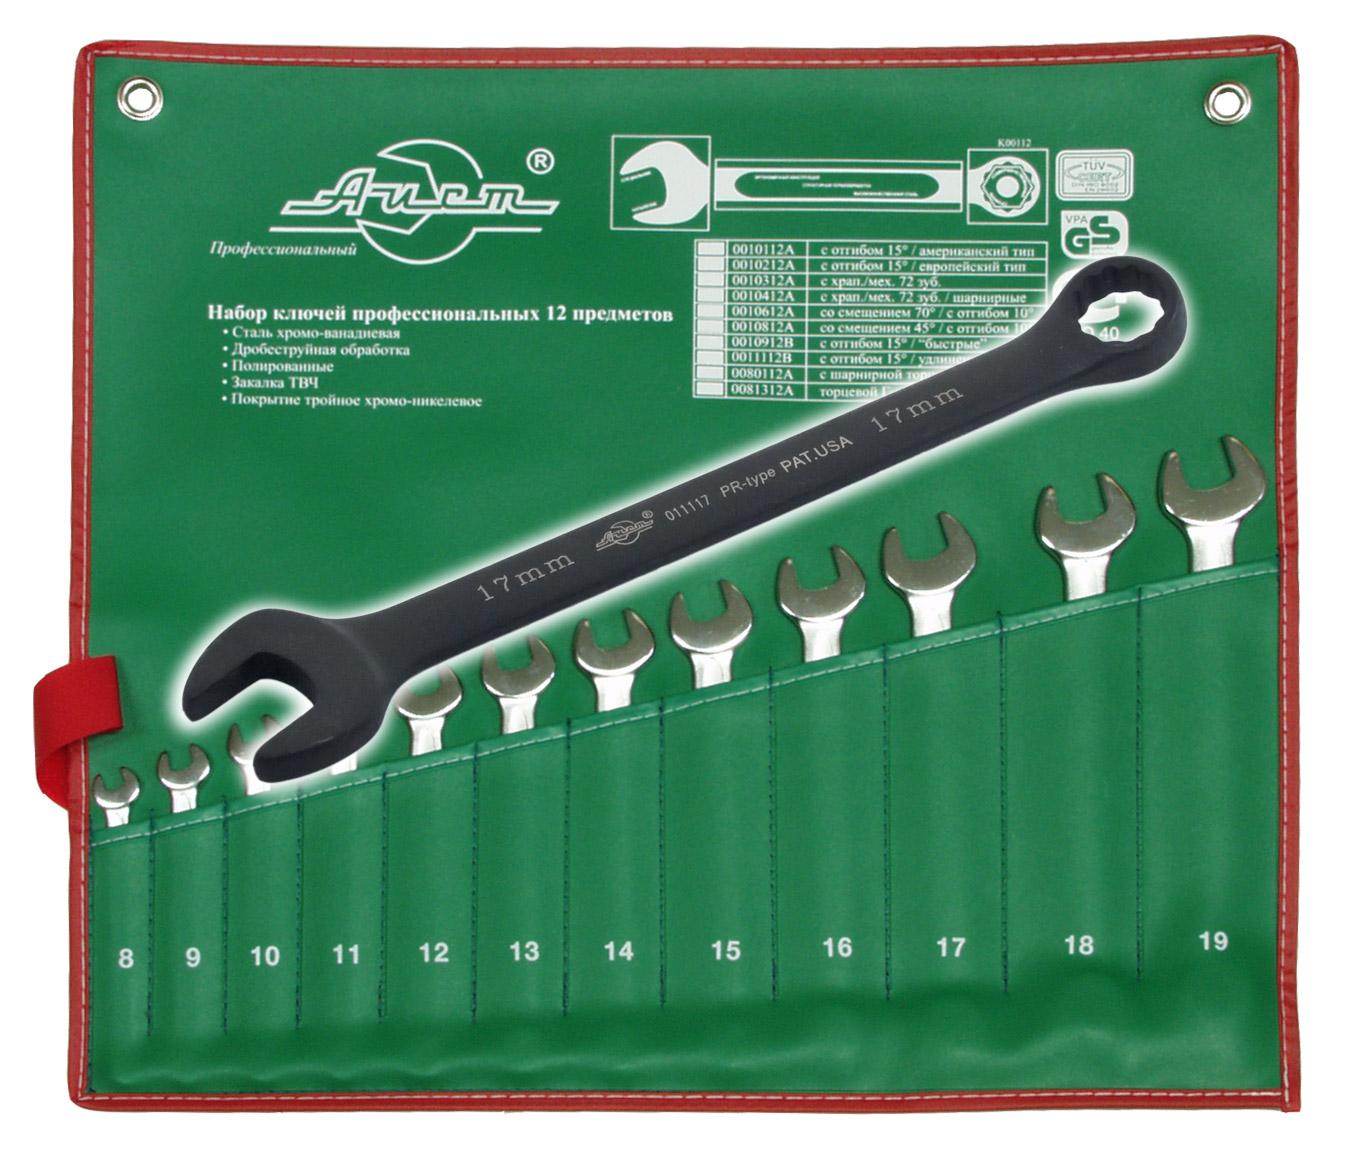 Набор комбинированных гаечных ключей,12 шт. Aist 11112 (8 - 19 мм) набор комбинированных гаечных ключей в держателе 8 шт fit 63416 8 19 мм